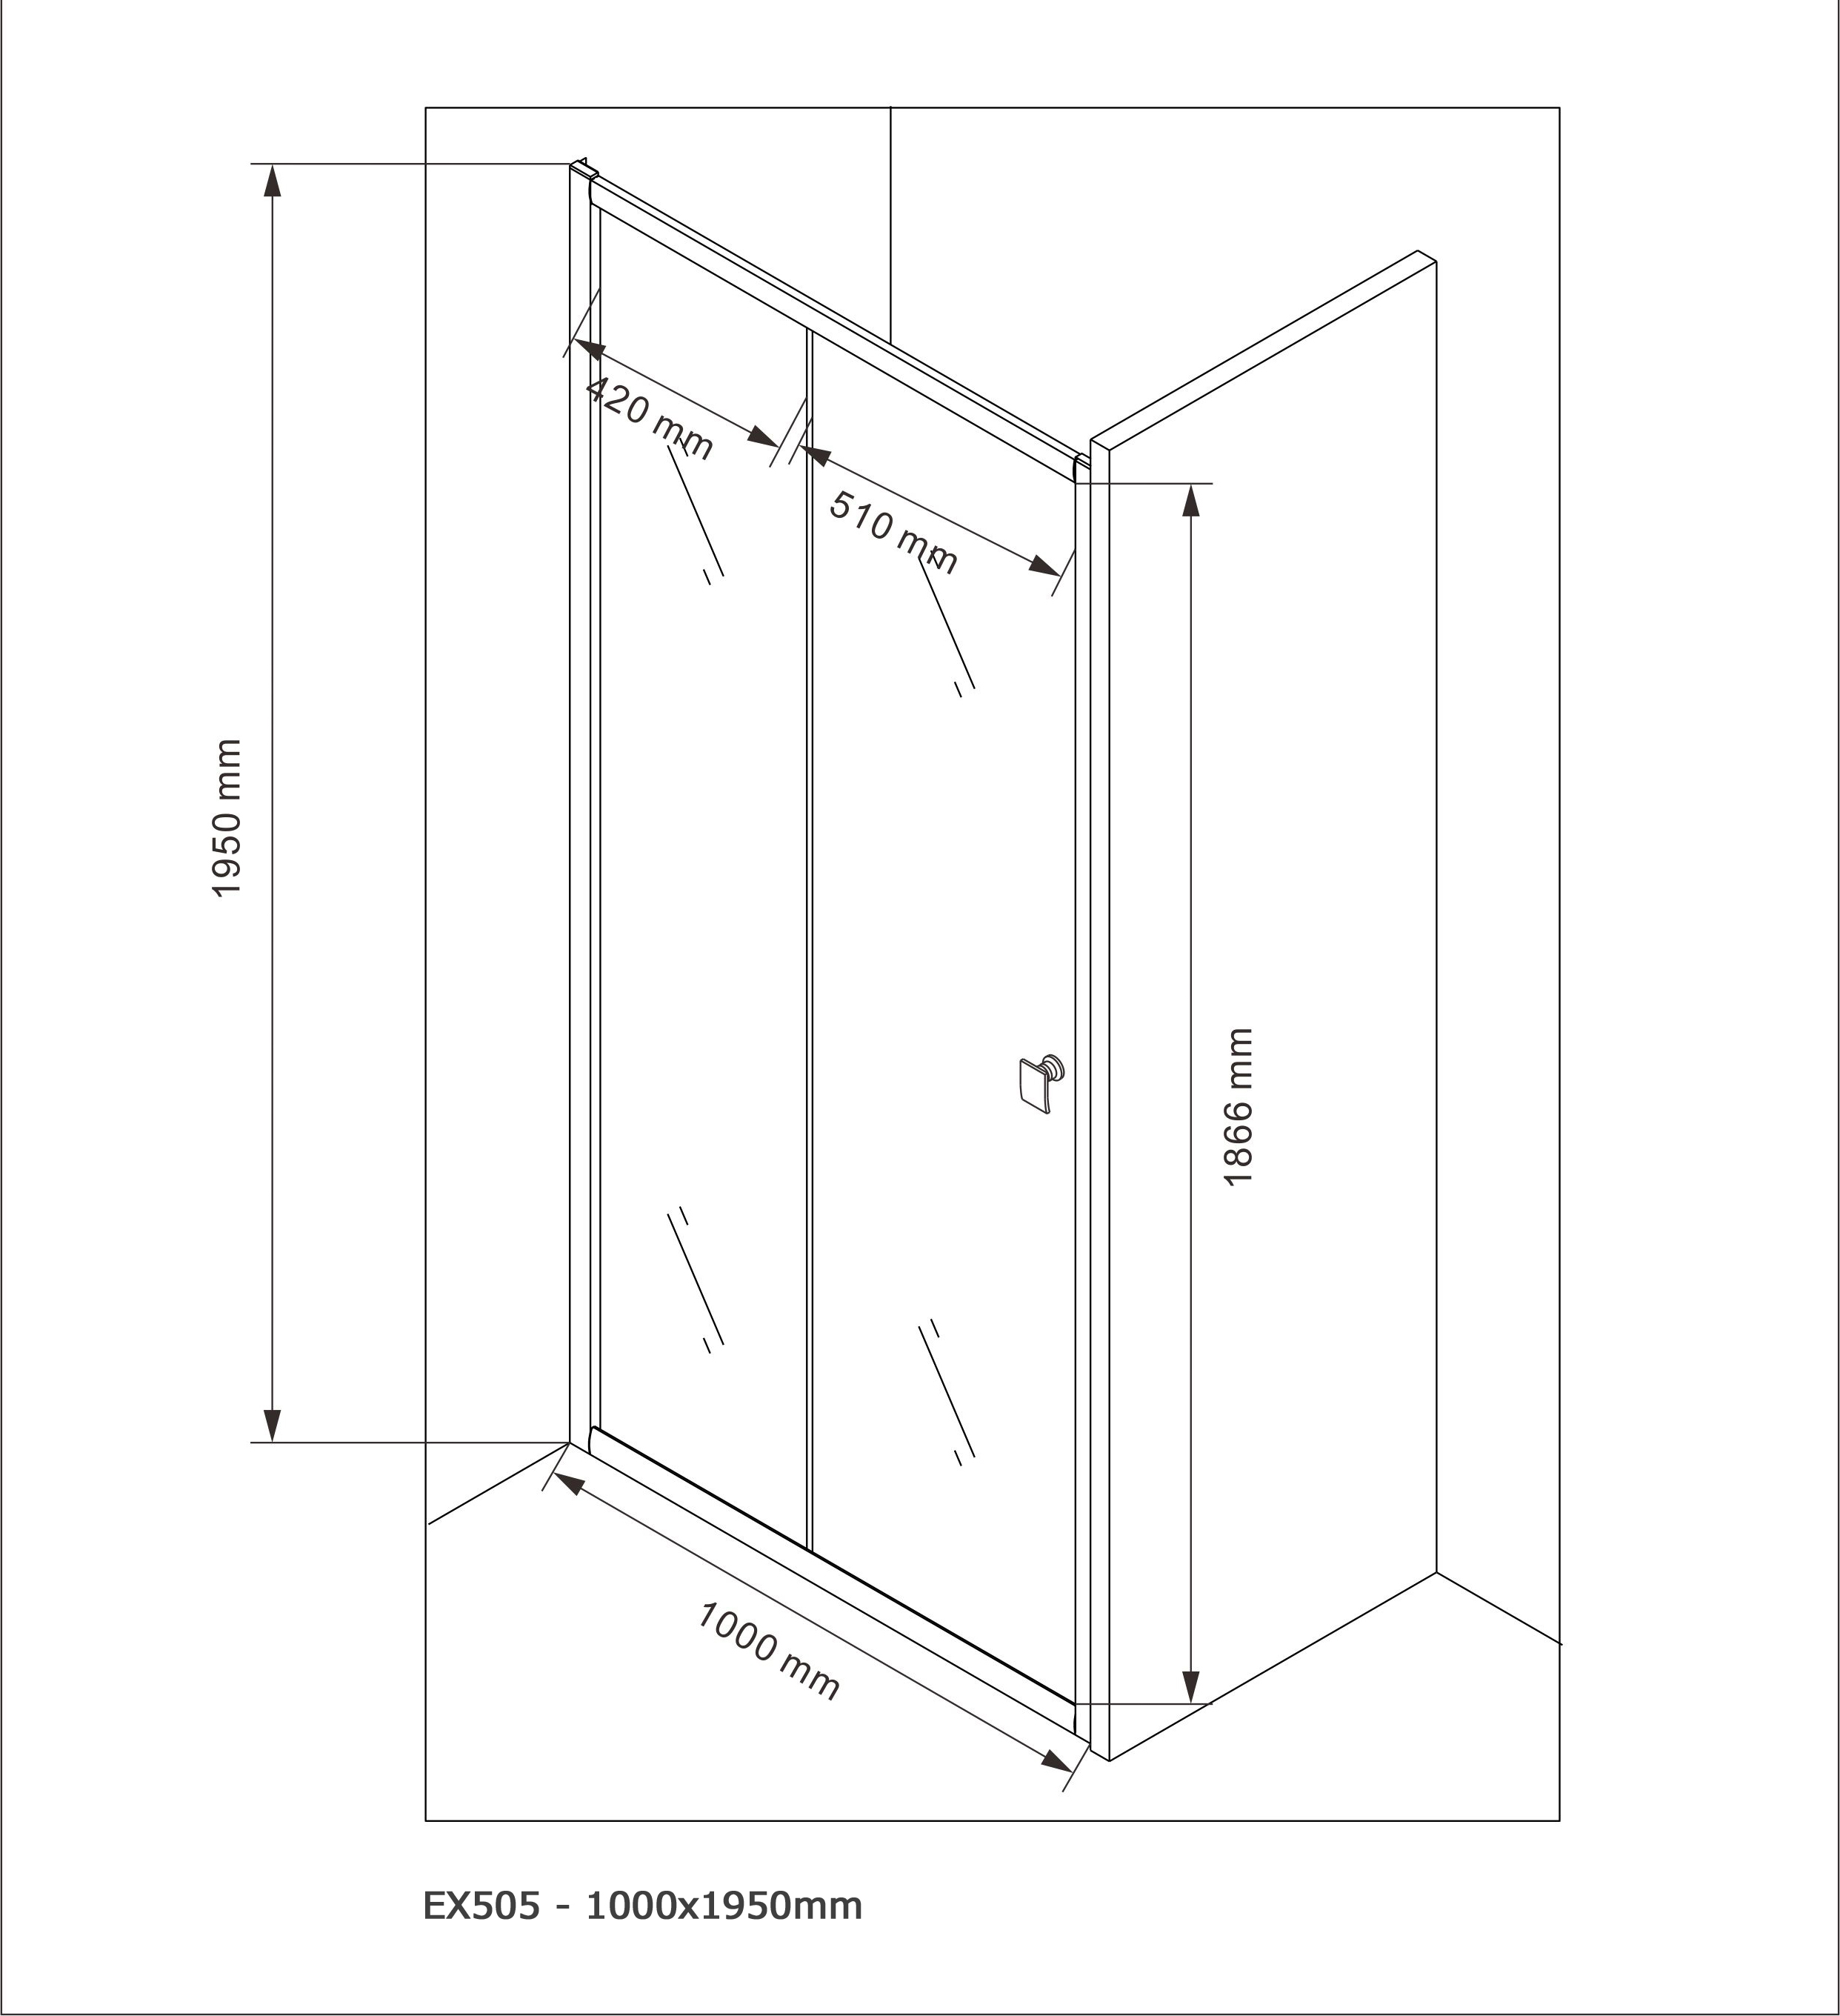 Door shower panel EX505 - 100x195cm - Drawing